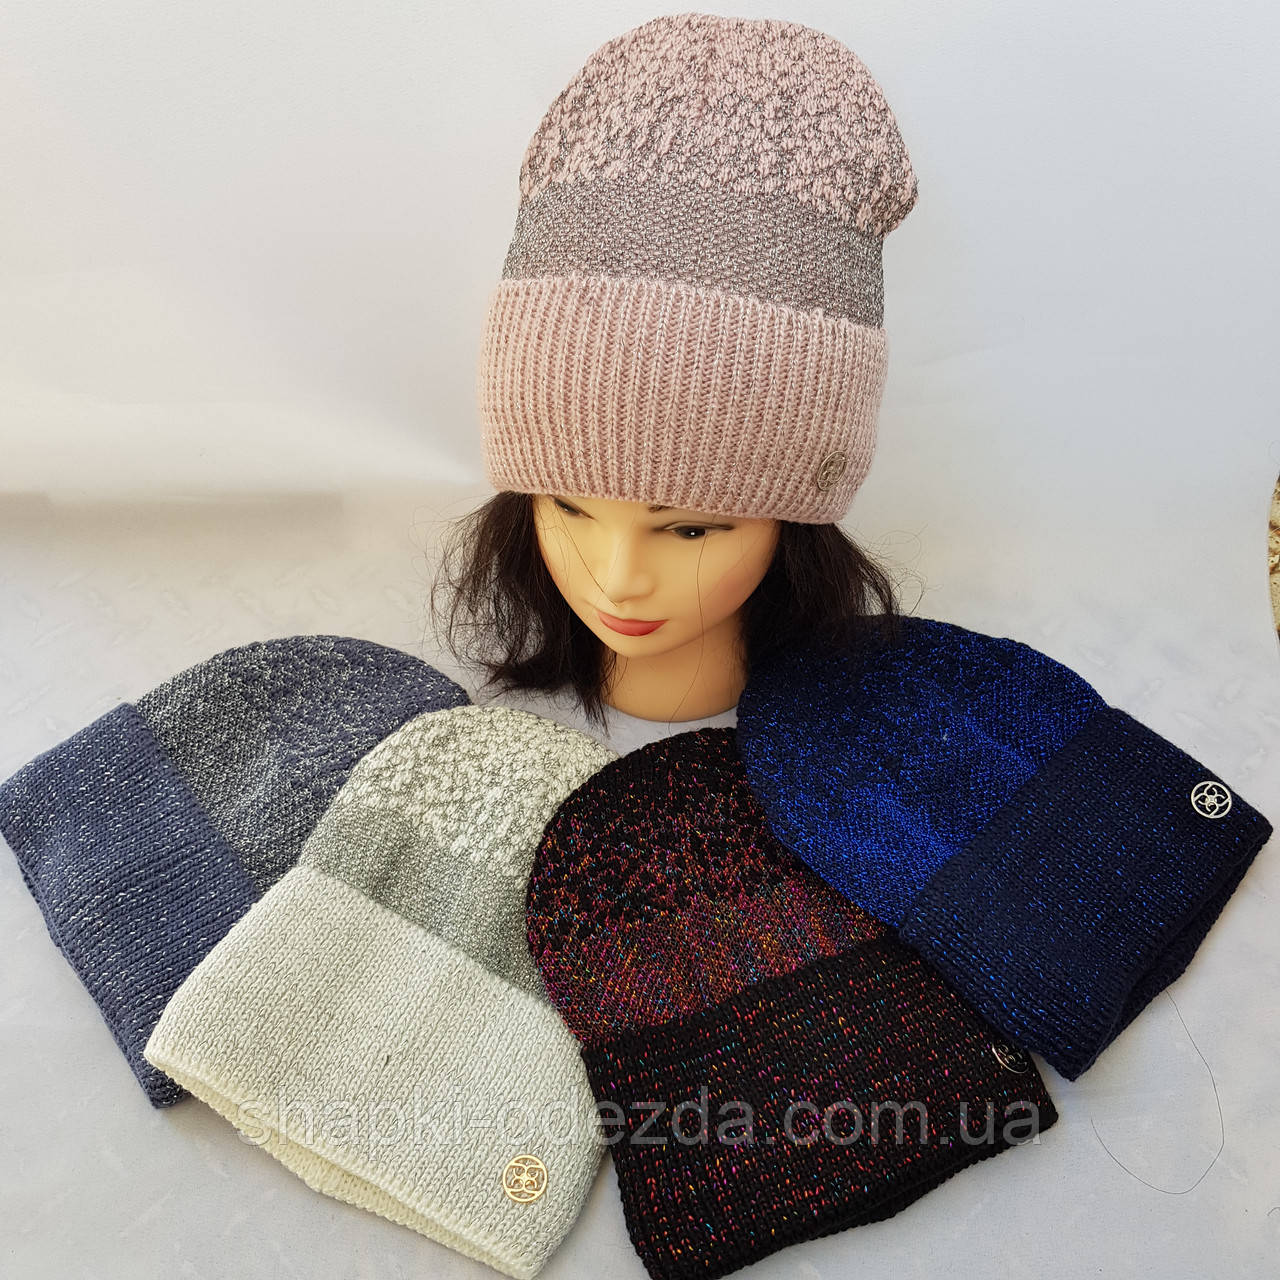 Молодежная вязаная шапка для девочки на флисе   ( Иней )